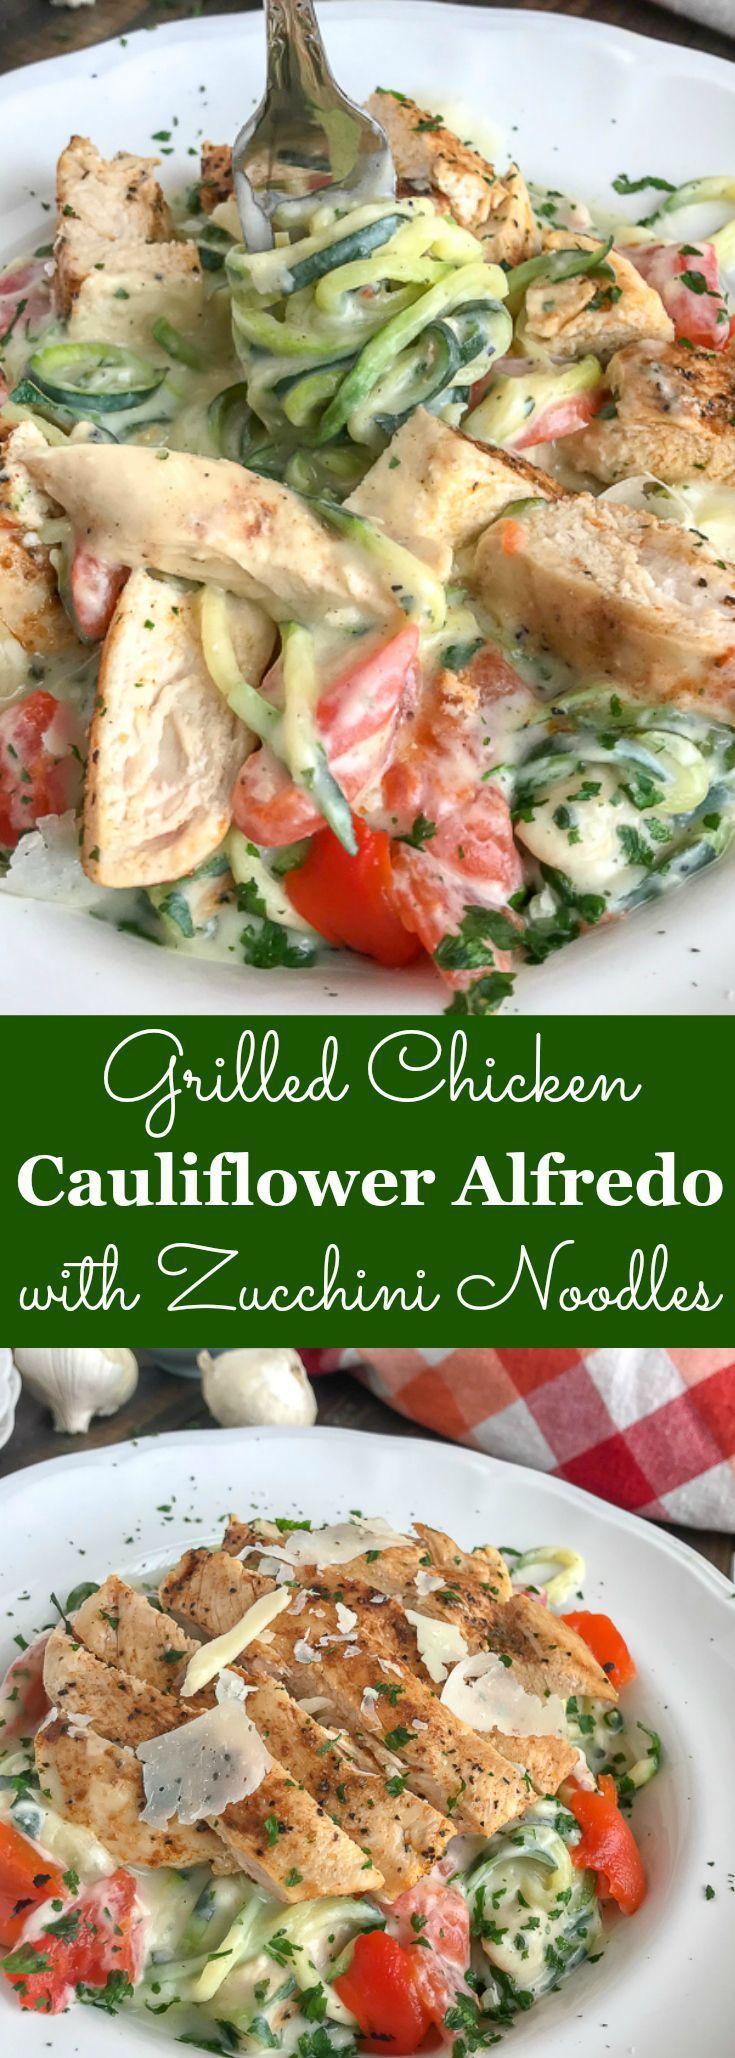 Grilled Chicken Cauliflower Alfredo with Zucchini Noodles | WPBOT #zucchininoodles